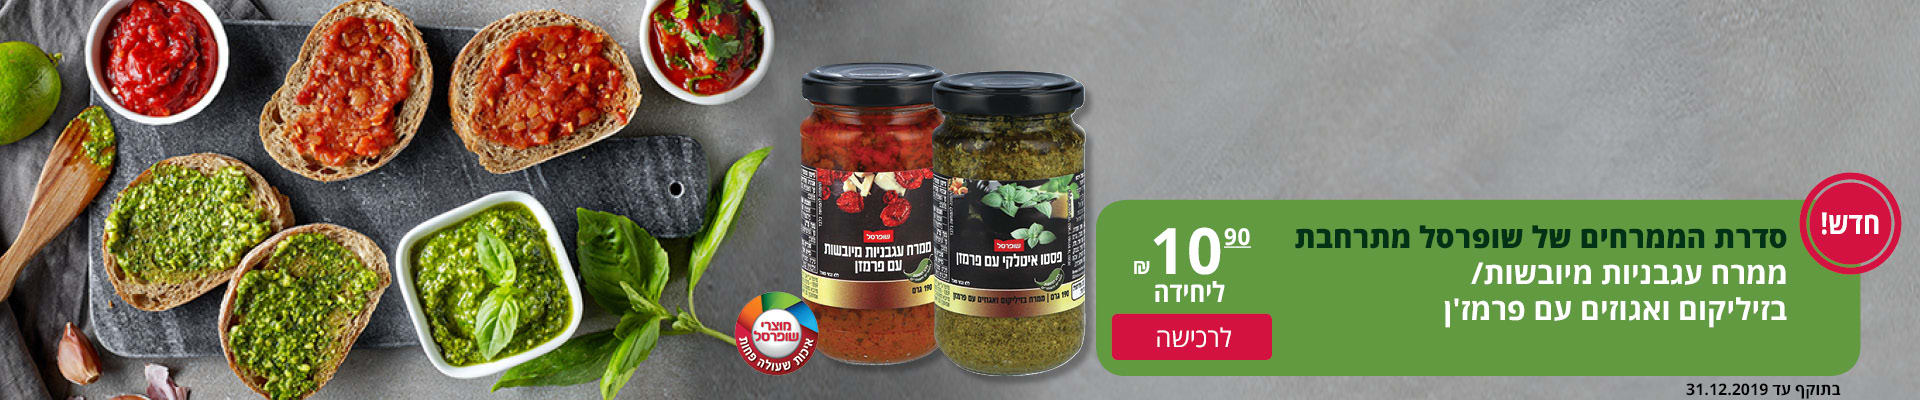 סדרת הממרחים של שופרסל מתרחבת: ממרח עגבניות מיובשות / בזיליקום ואגוזים עם פרמז'ן ב- 10.90 ₪ ליחידה. בתוקף עד 31.12.2019.